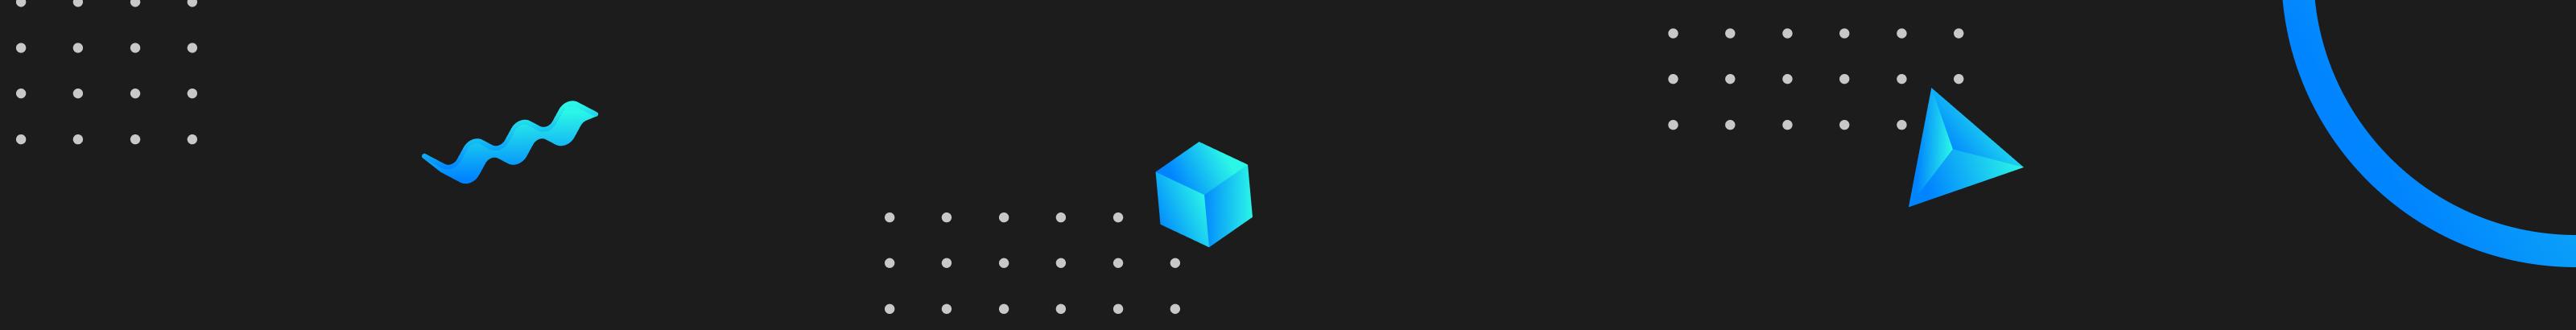 VALMAX DIGITAL Web Design (UI/UX) Ukraine